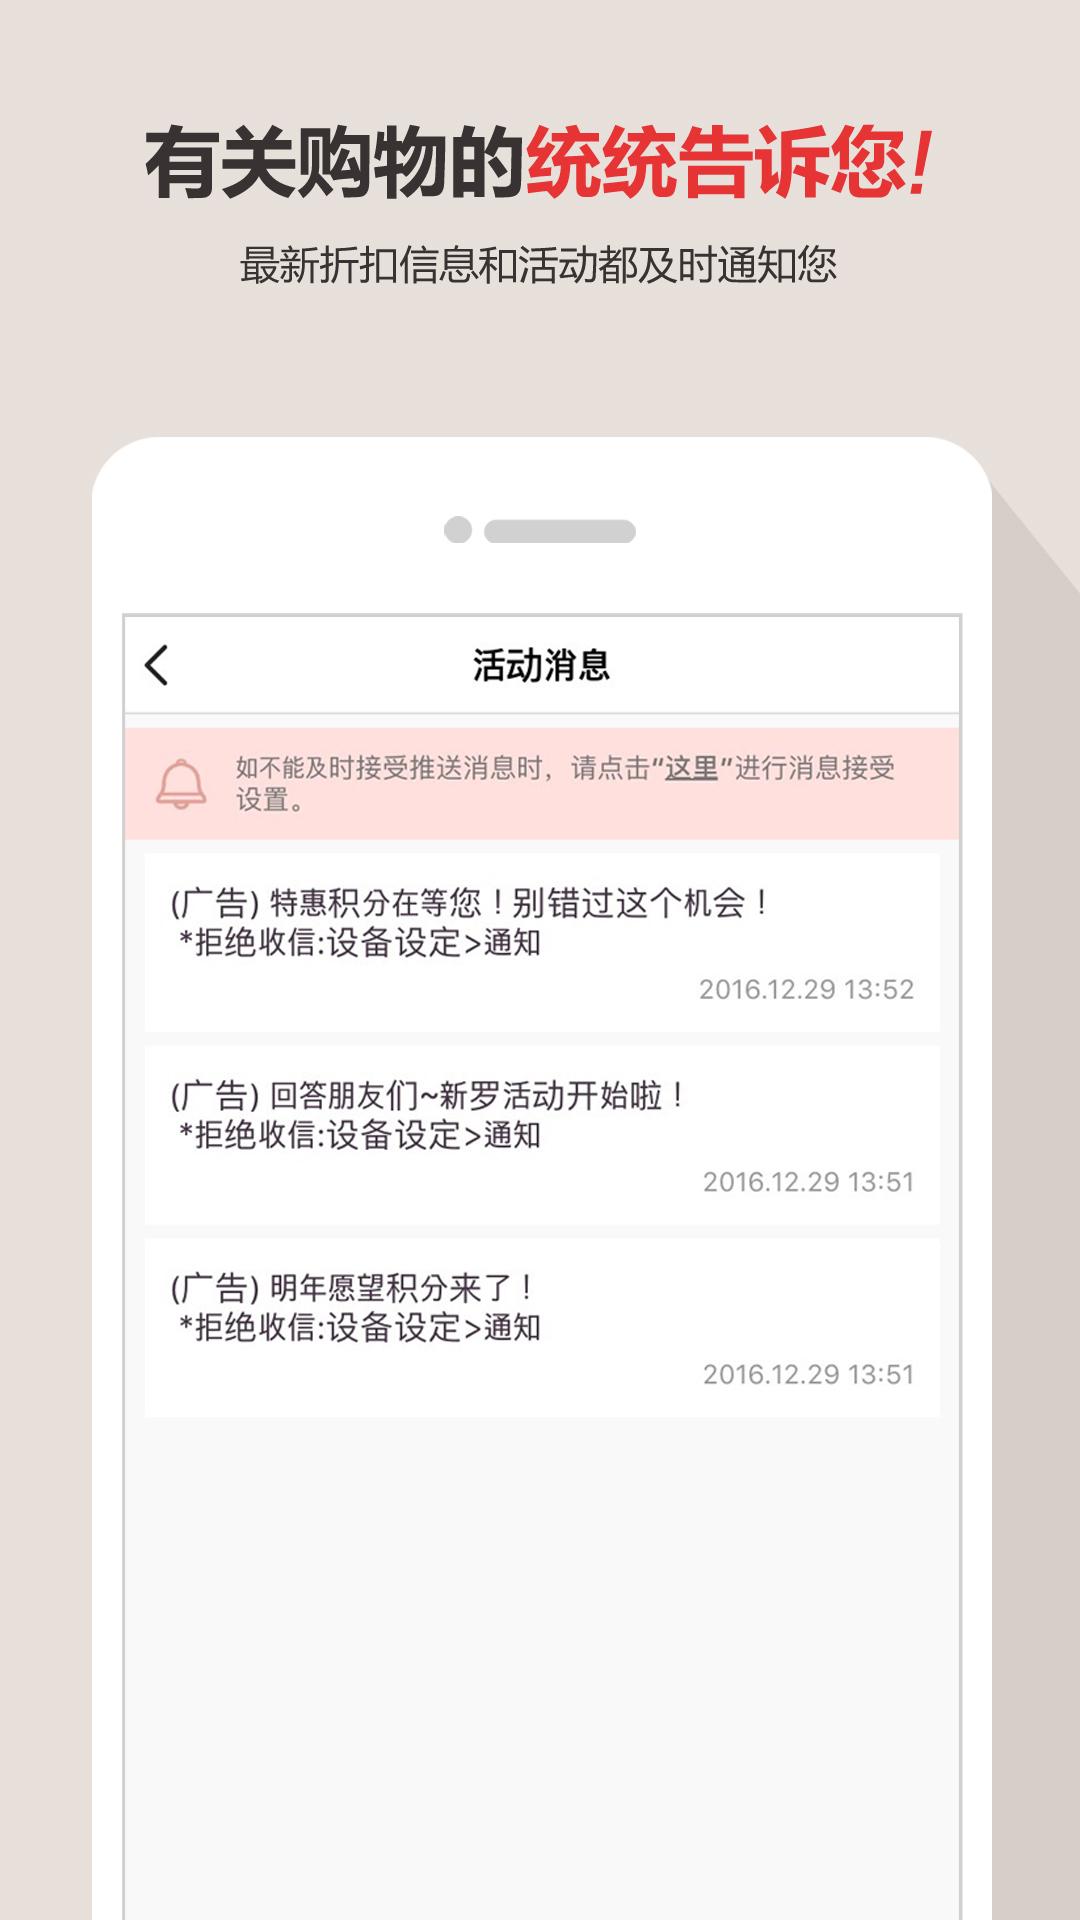 新罗免税店 V10.2.1 安卓版截图4